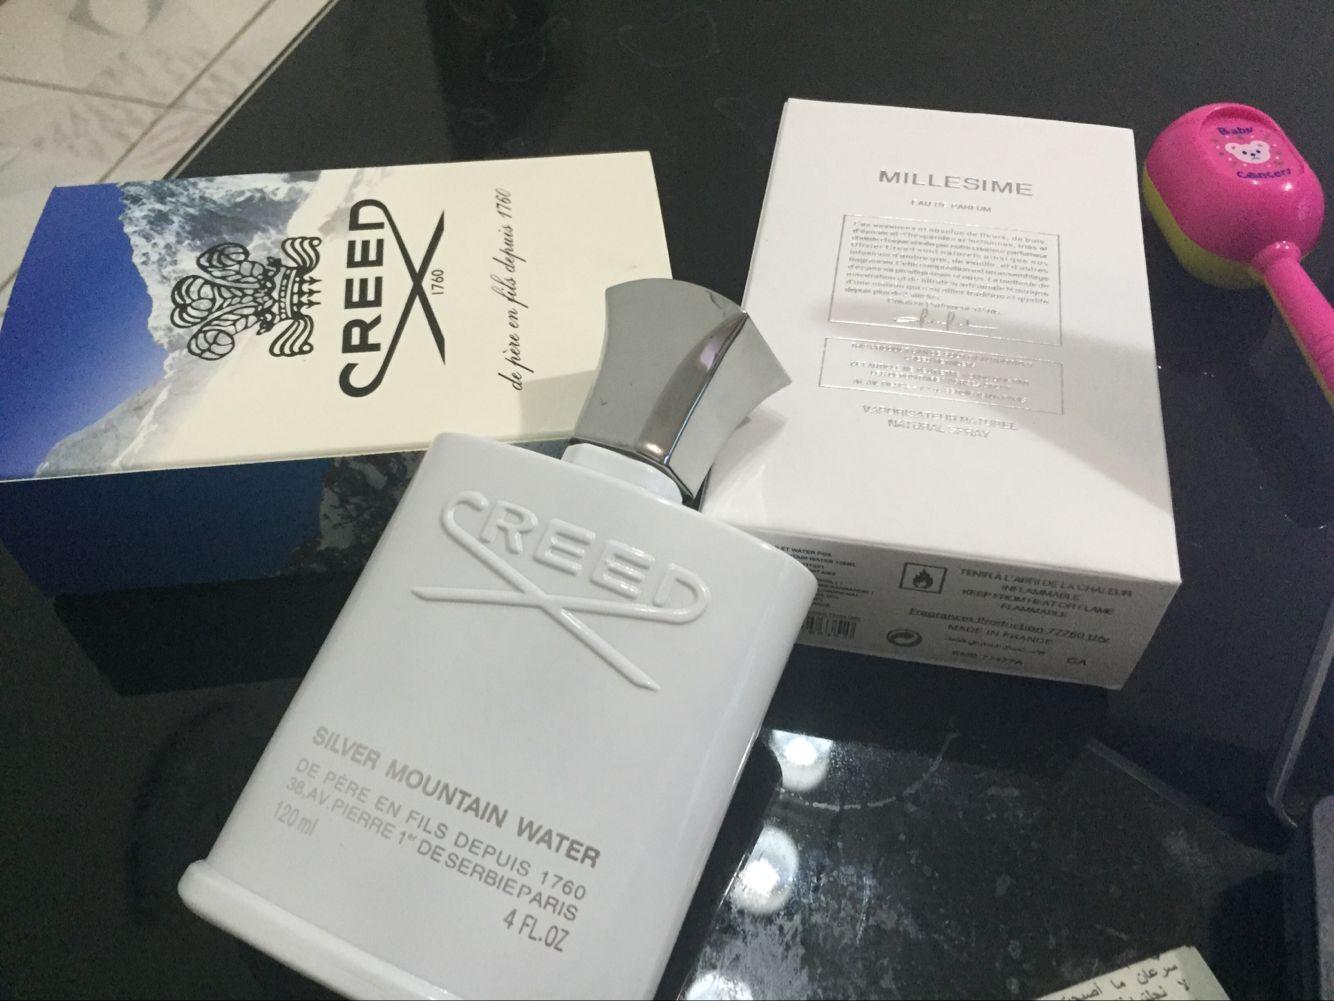 parfum célèbre encens cologne Creed eau de montagne de ruban pour les hommes 120ml de Cologne longtemps durable bonne odeur free shopping